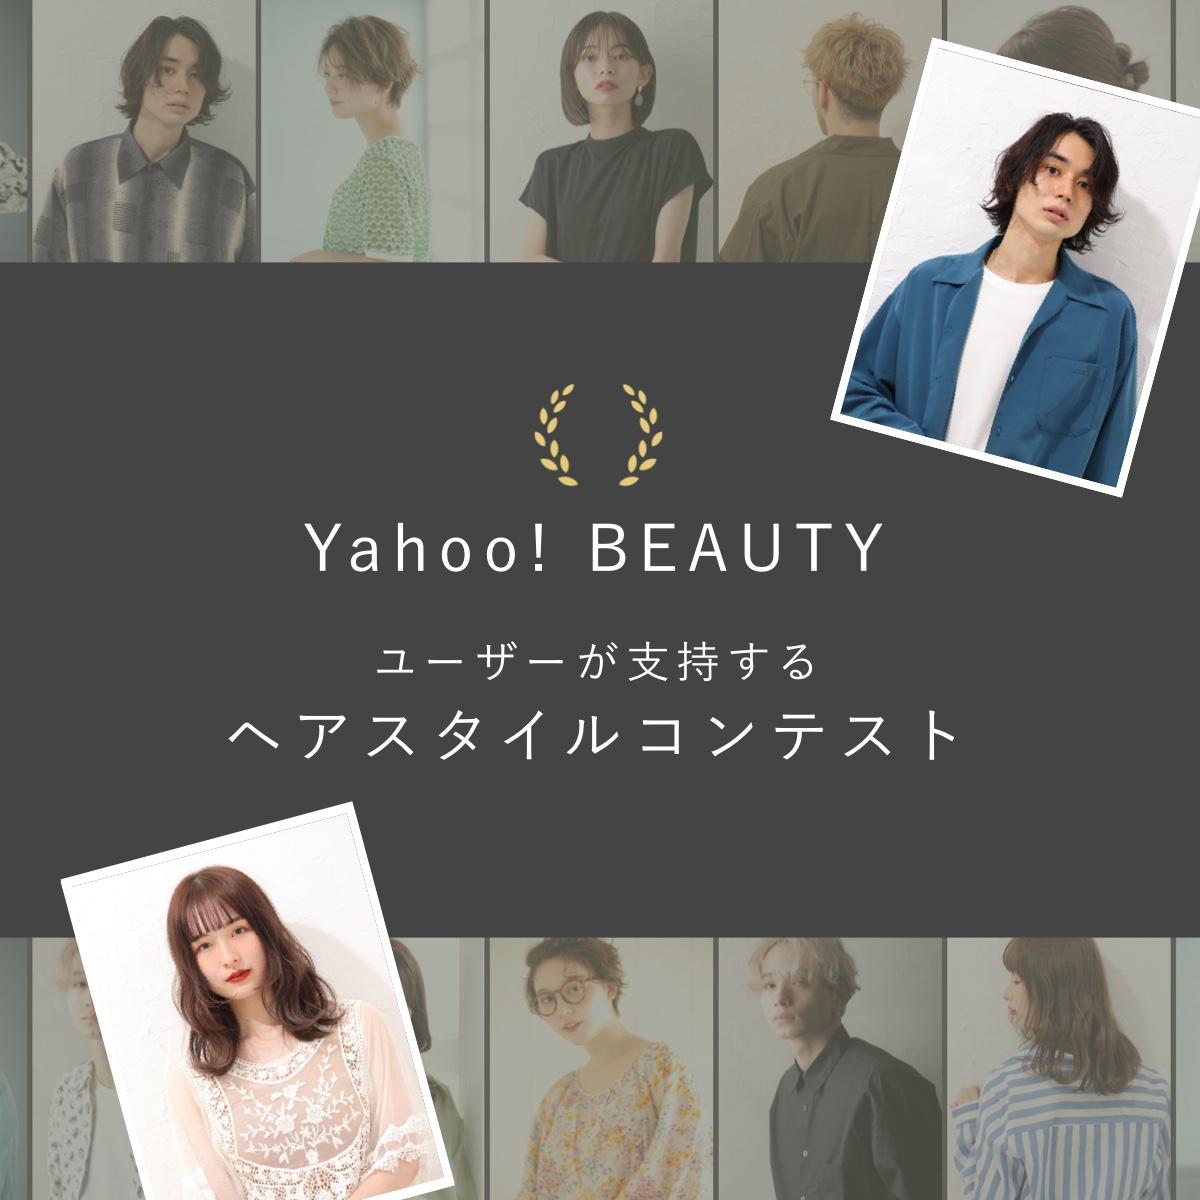 Yahoo! BEAUTYユーザーが支持するヘアスタイル投稿キャンペーン結果発表